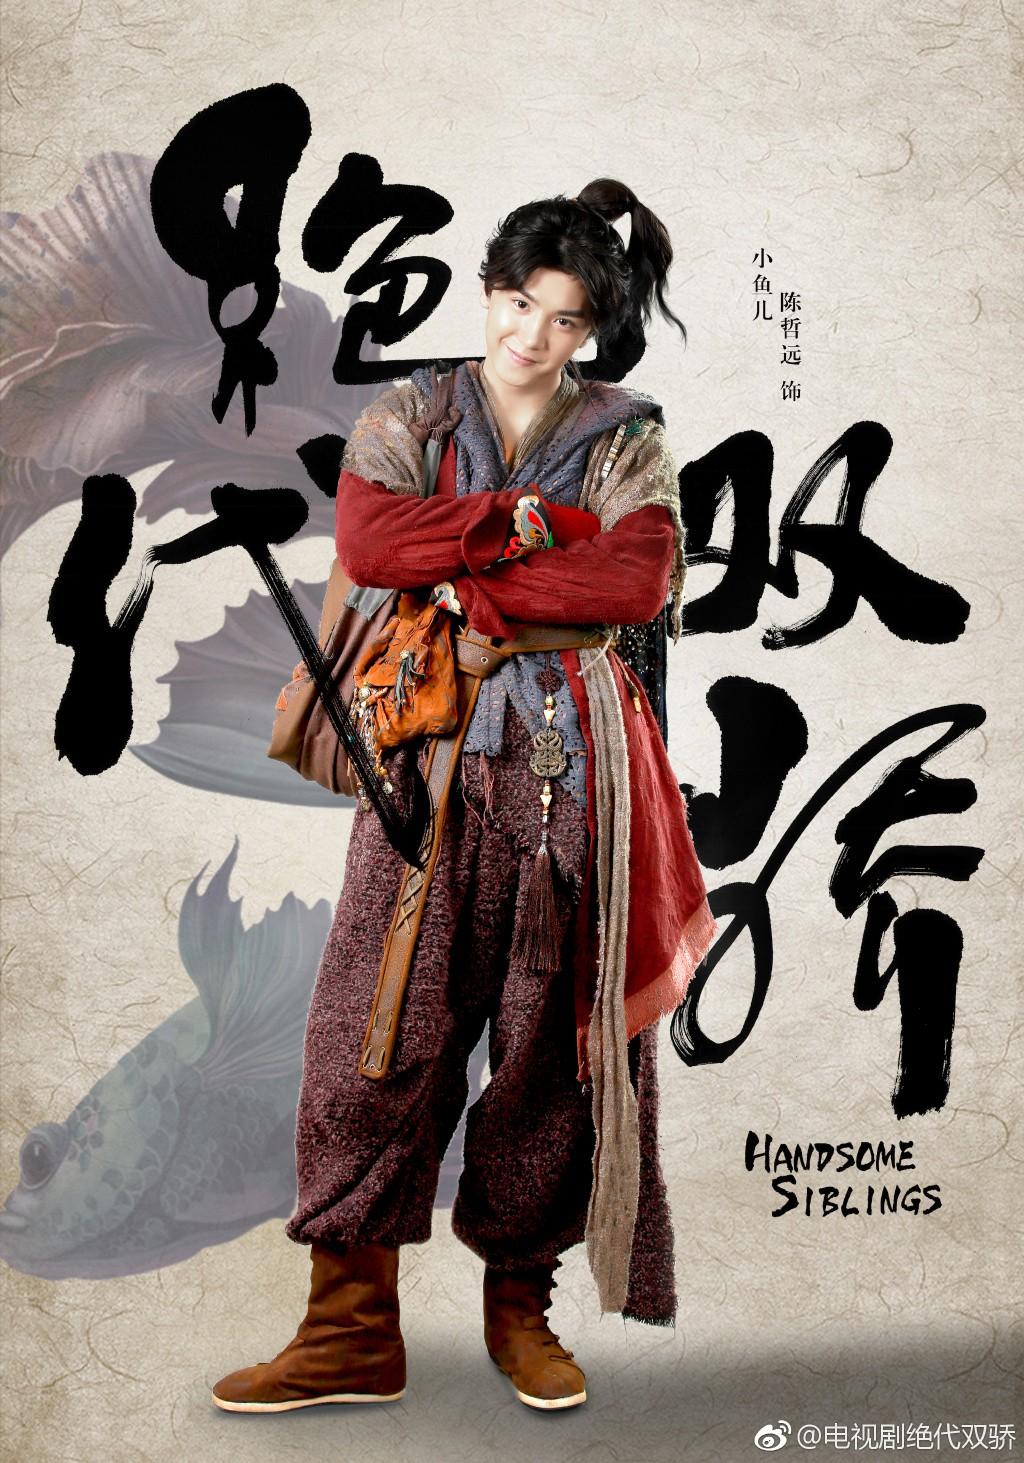 Hồ Nhất Thiên quyết tâm dính phim kiếm hiệp, nhưng tạo hình cổ trang lại quá sai! - Ảnh 3.